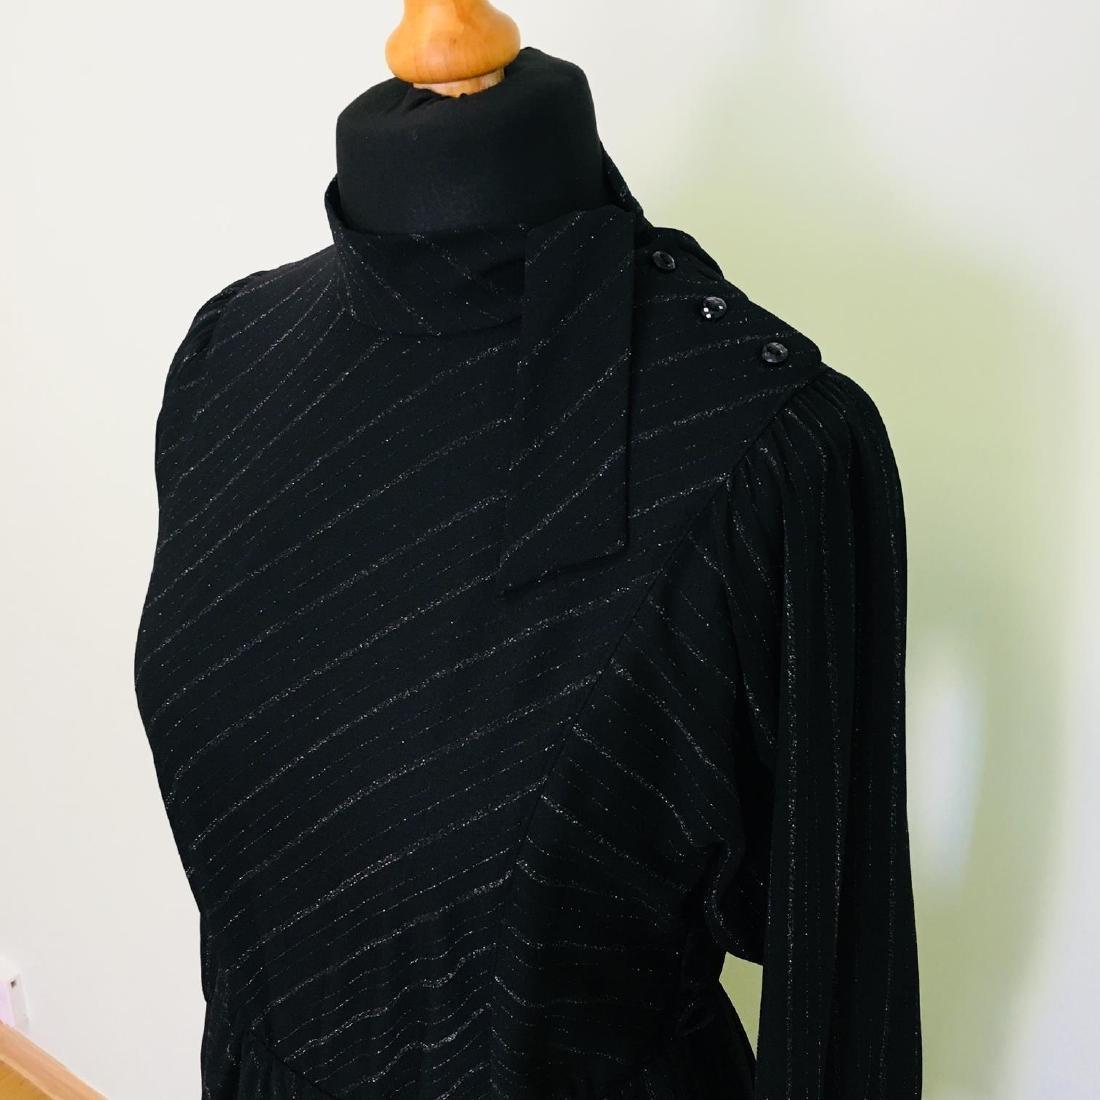 Vintage Women's Black Coctail Evening Dress - 3